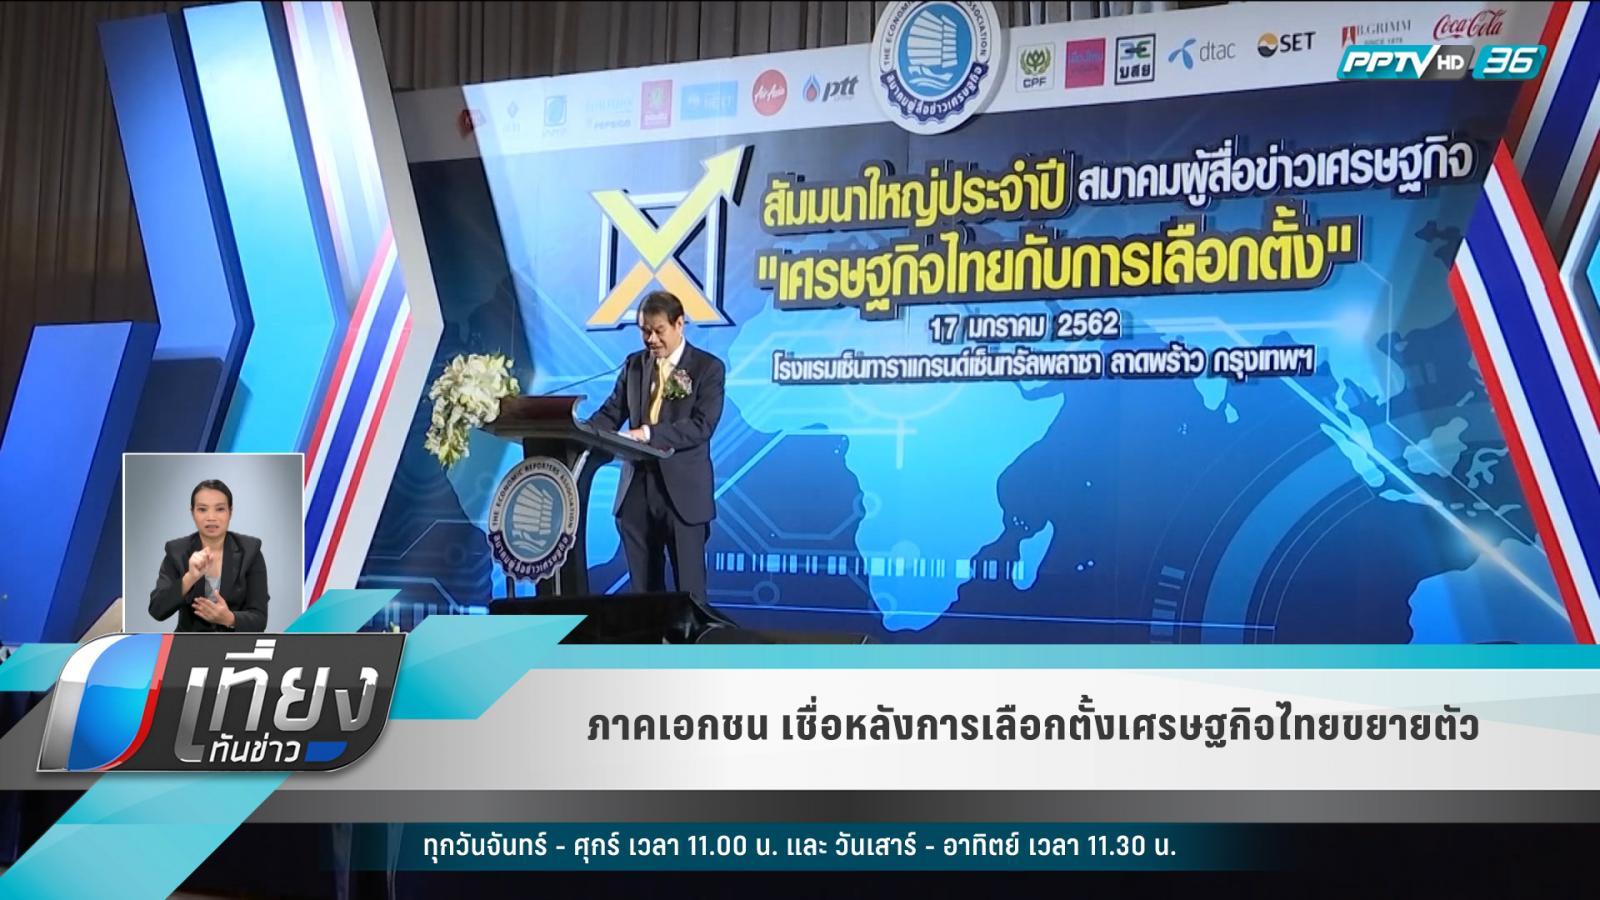 ภาคเอกชน ชี้ หลังเลือกตั้ง เศรษฐกิจไทยดีขึ้น